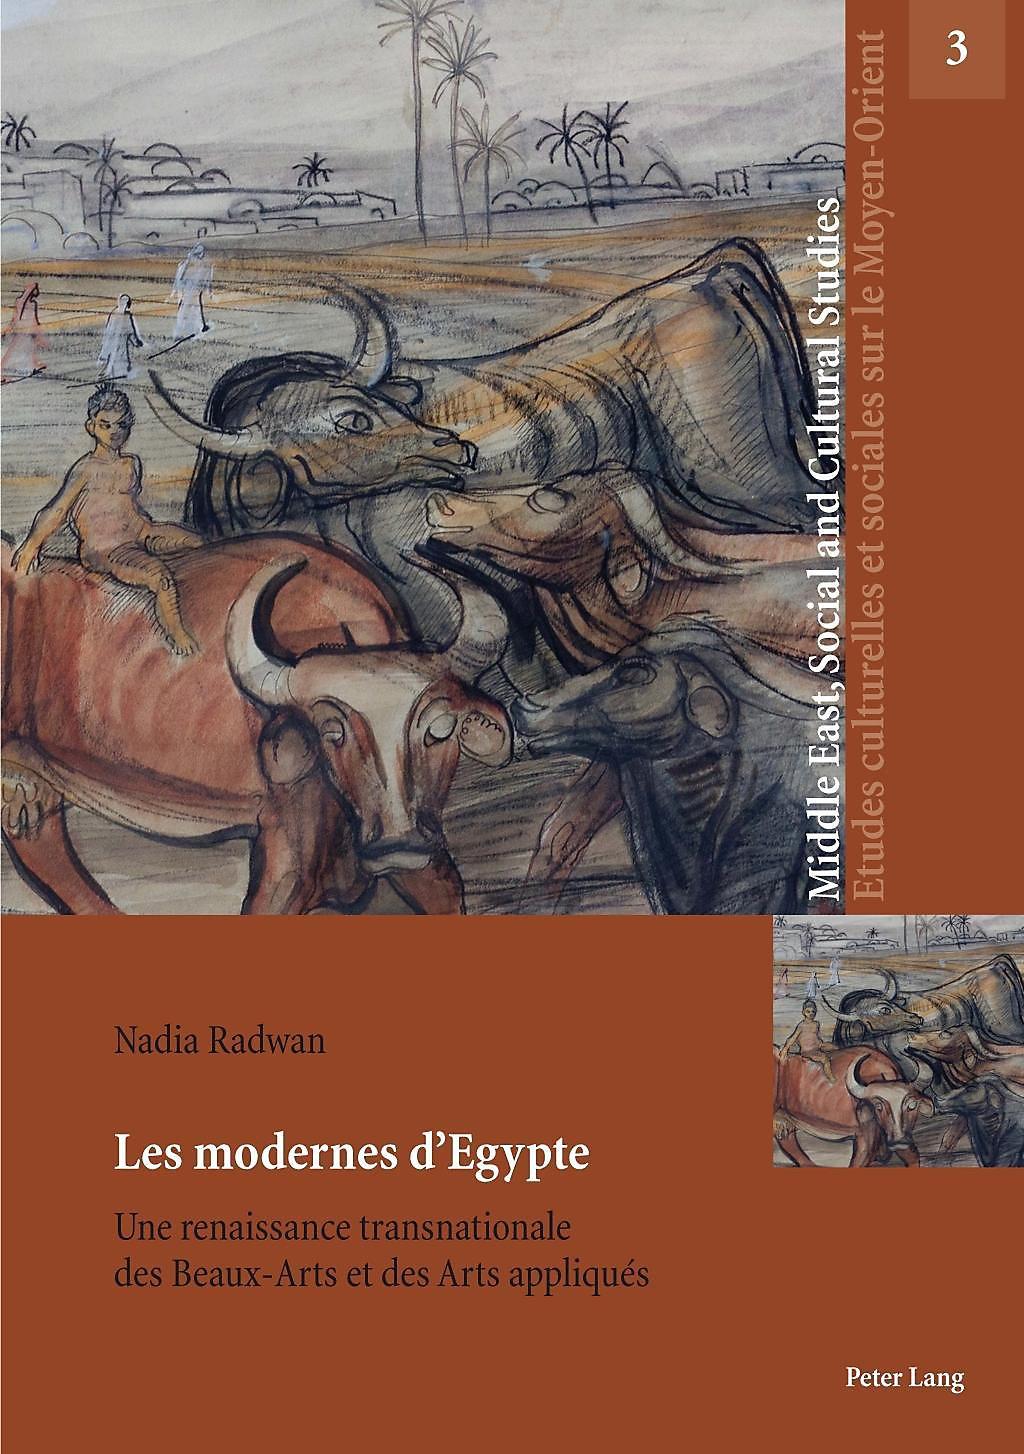 Image result for les modernes d'égypte peter lang